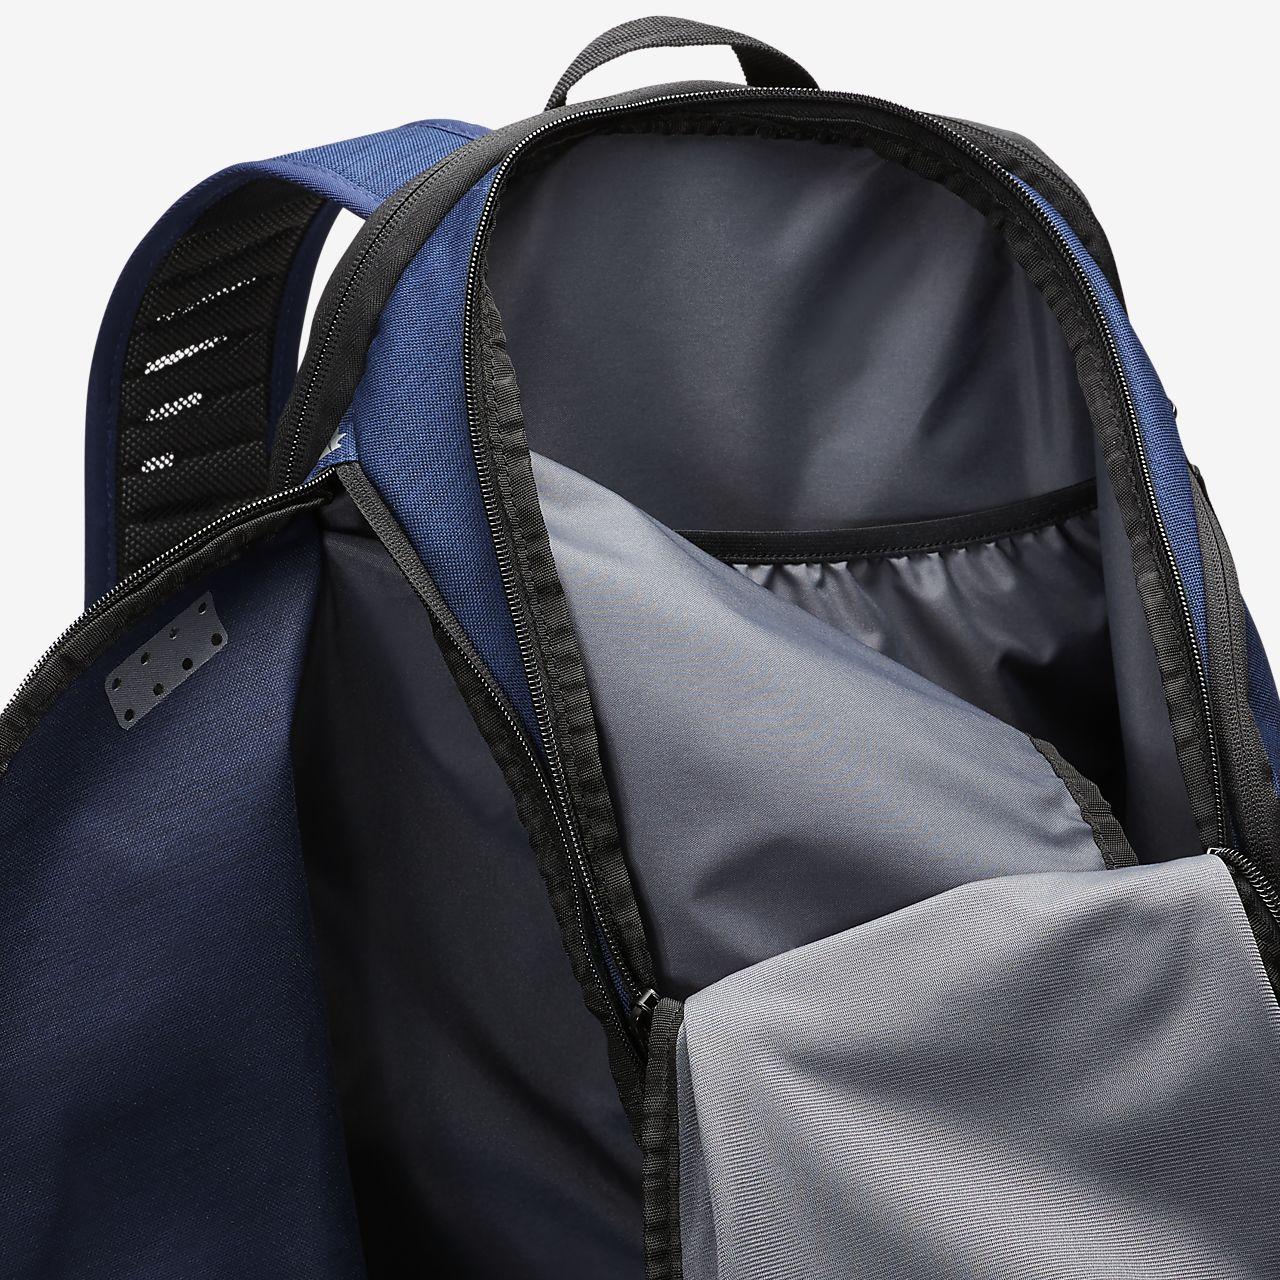 db97f1286bc7 Nike Hoops Elite Pro Basketball Backpack. Nike.com IN